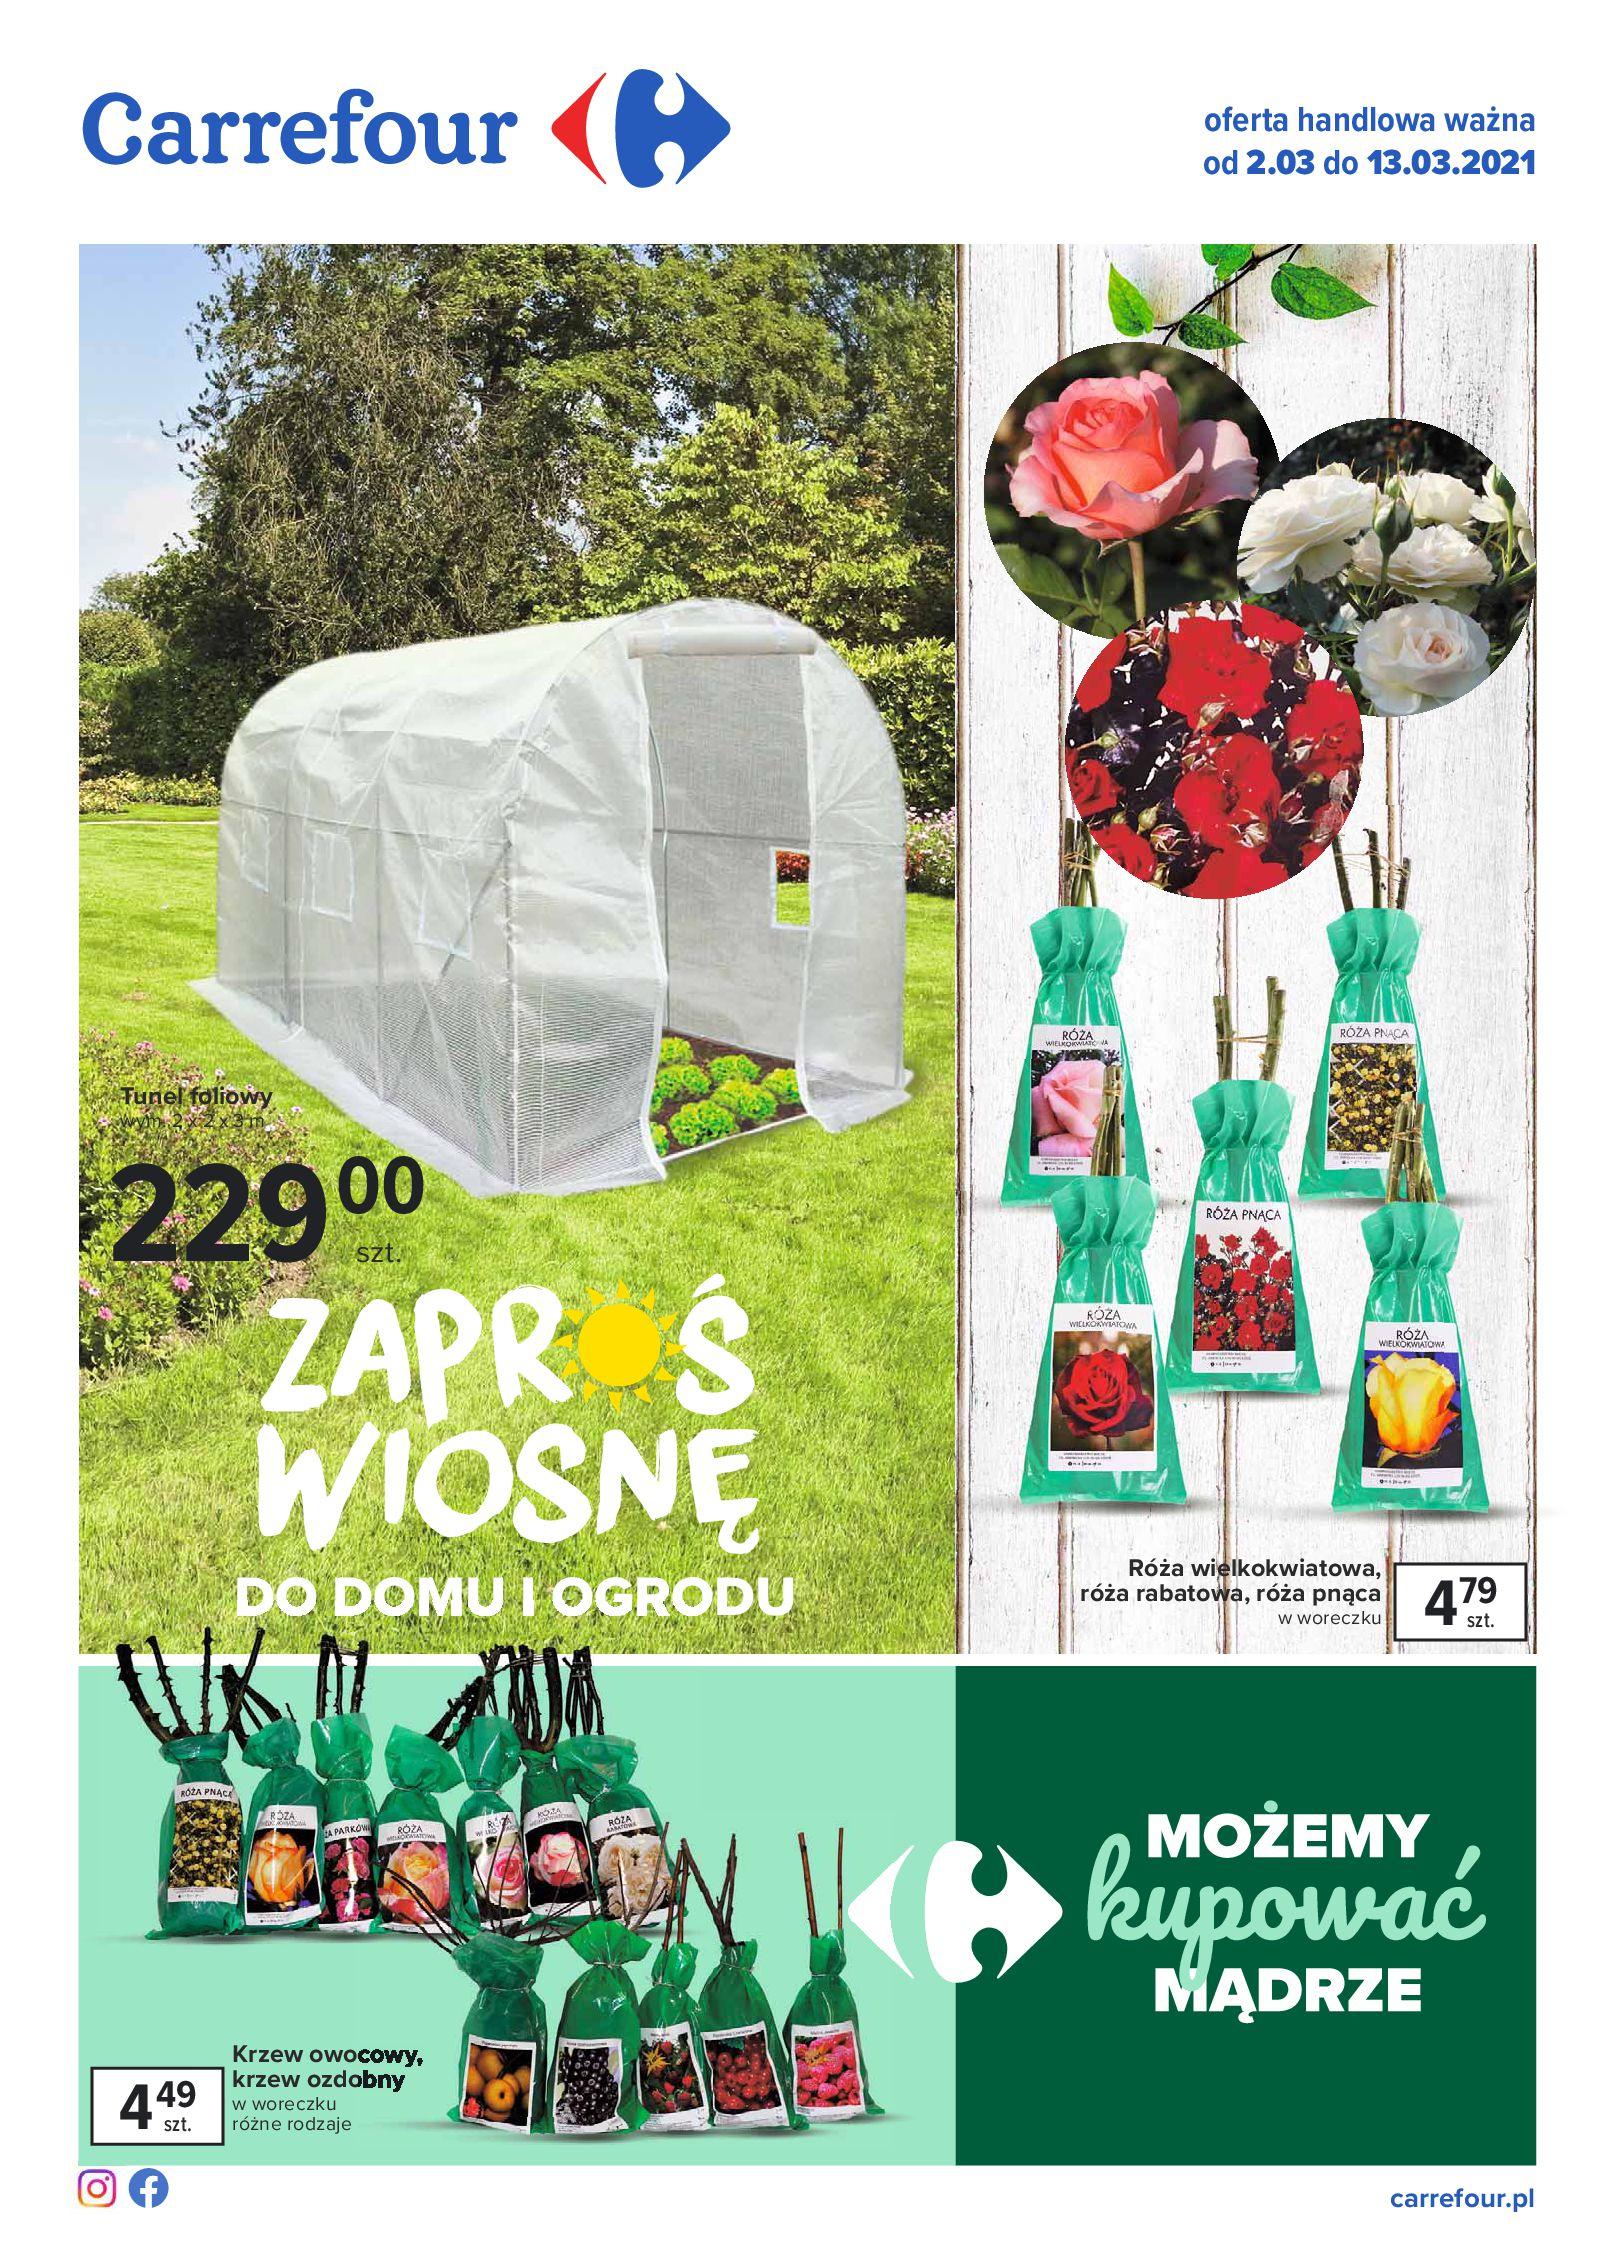 Carrefour:  Zaproś wiosnę do domu i ogrodu 01.03.2021